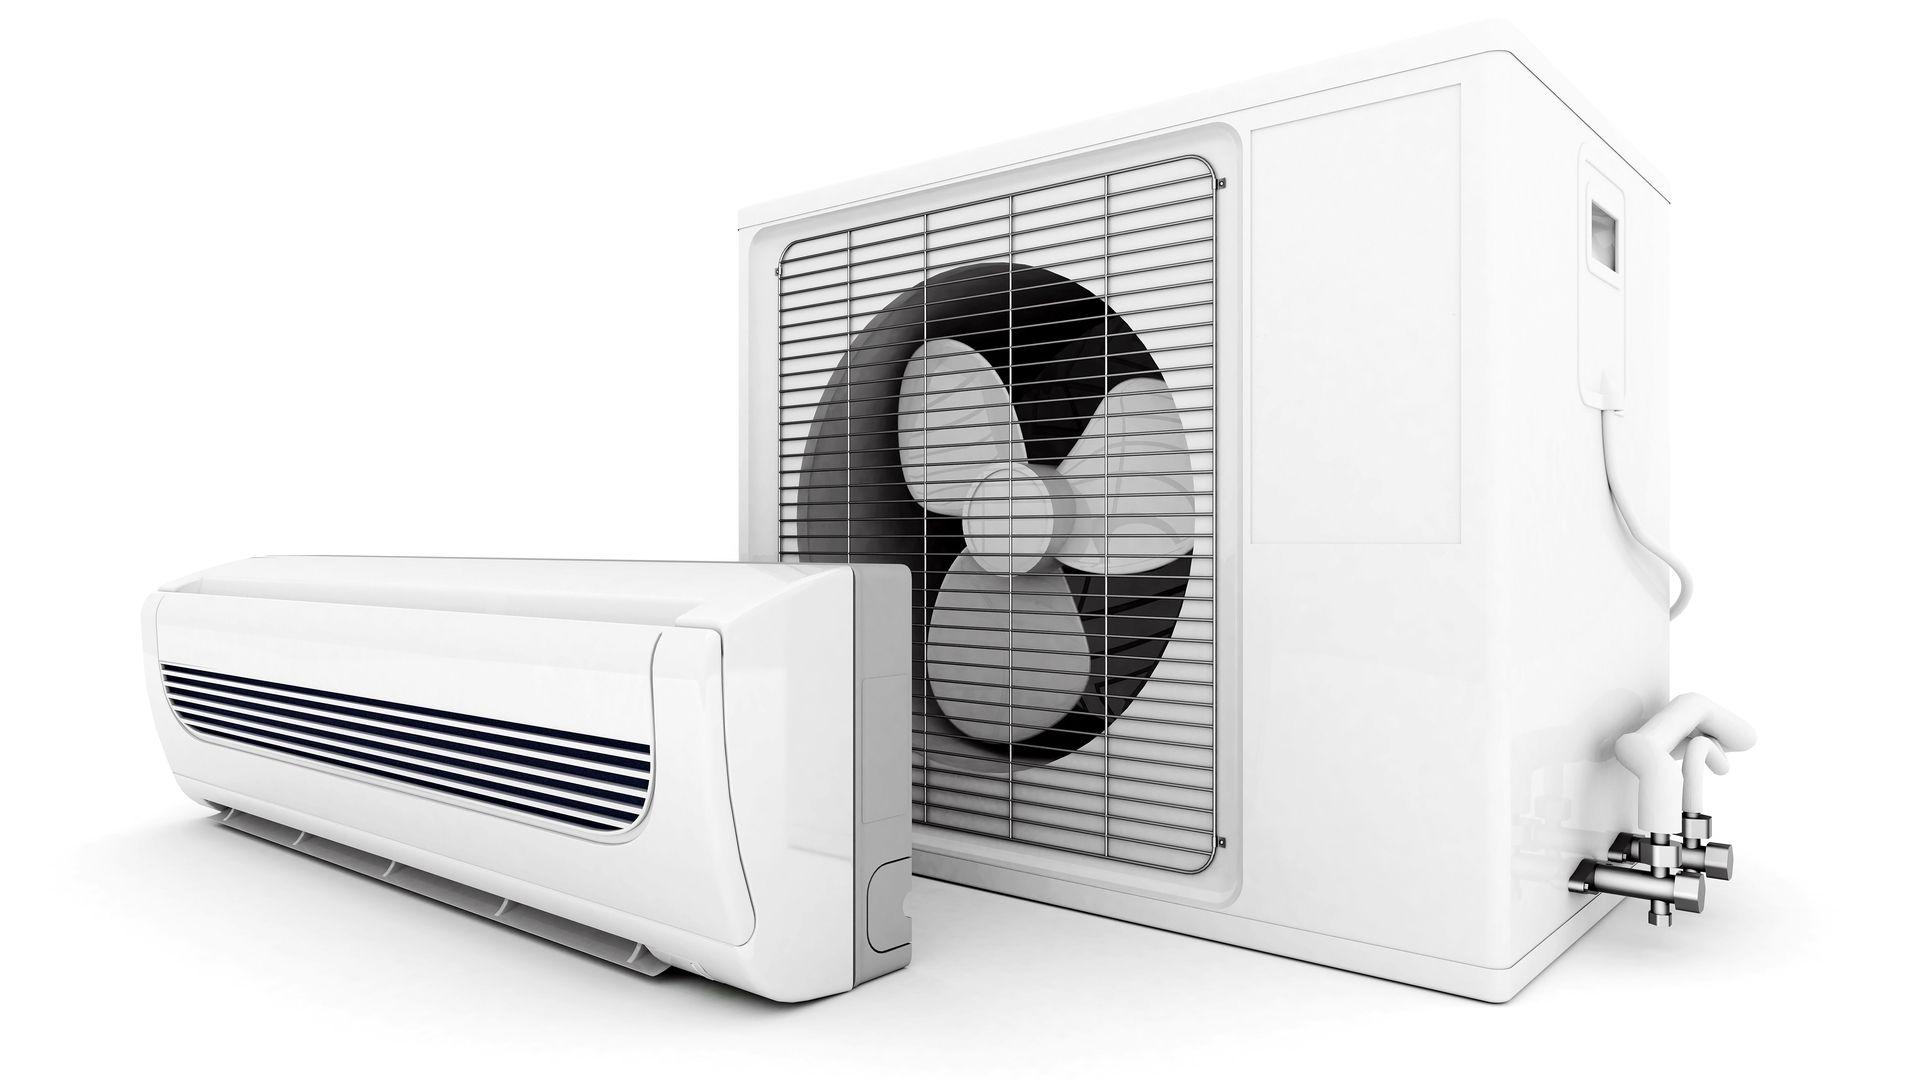 Componentes do ar condicionado split: condensadora e evaporadora (Imagem: Reprodução/Shutterstock)